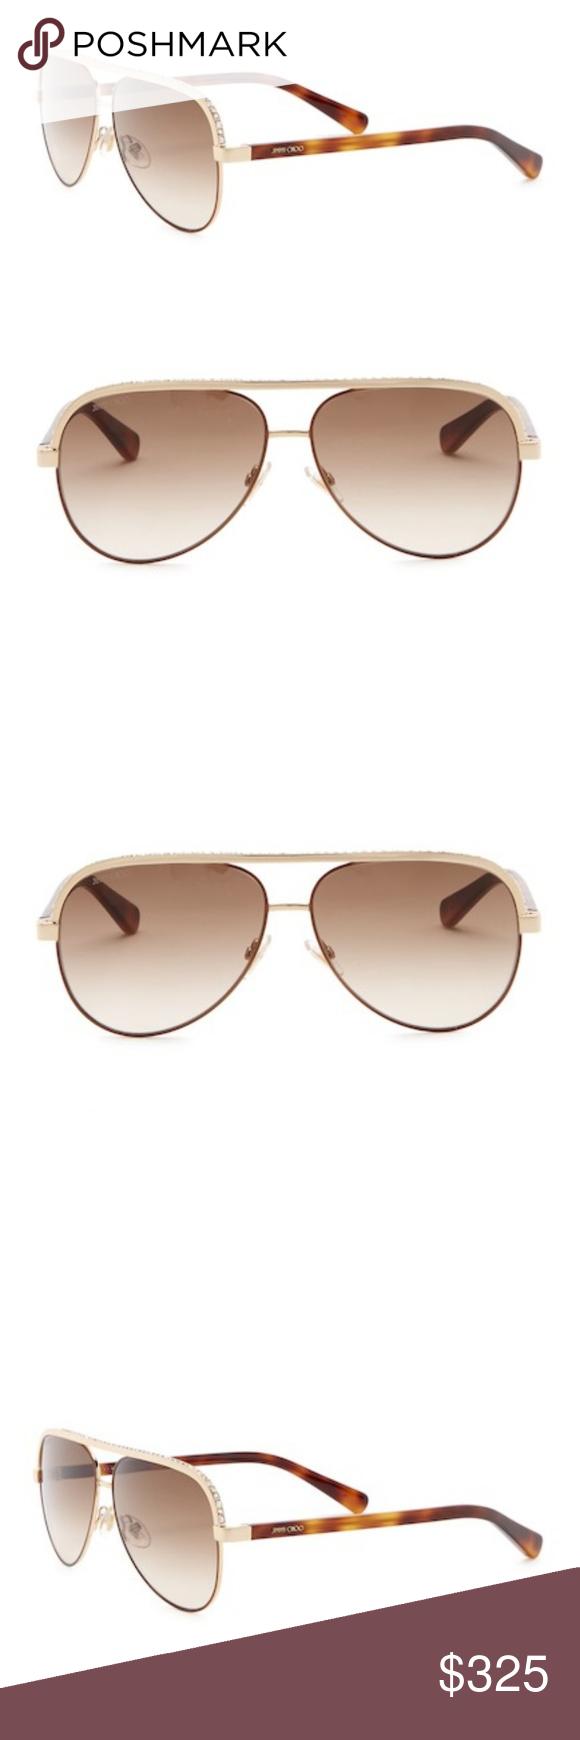 906e225eece Jimmy Choo Aviator Sunglasses NWT Authentic Jimmy Choo Aviator Sunglasses -  Size  59-12